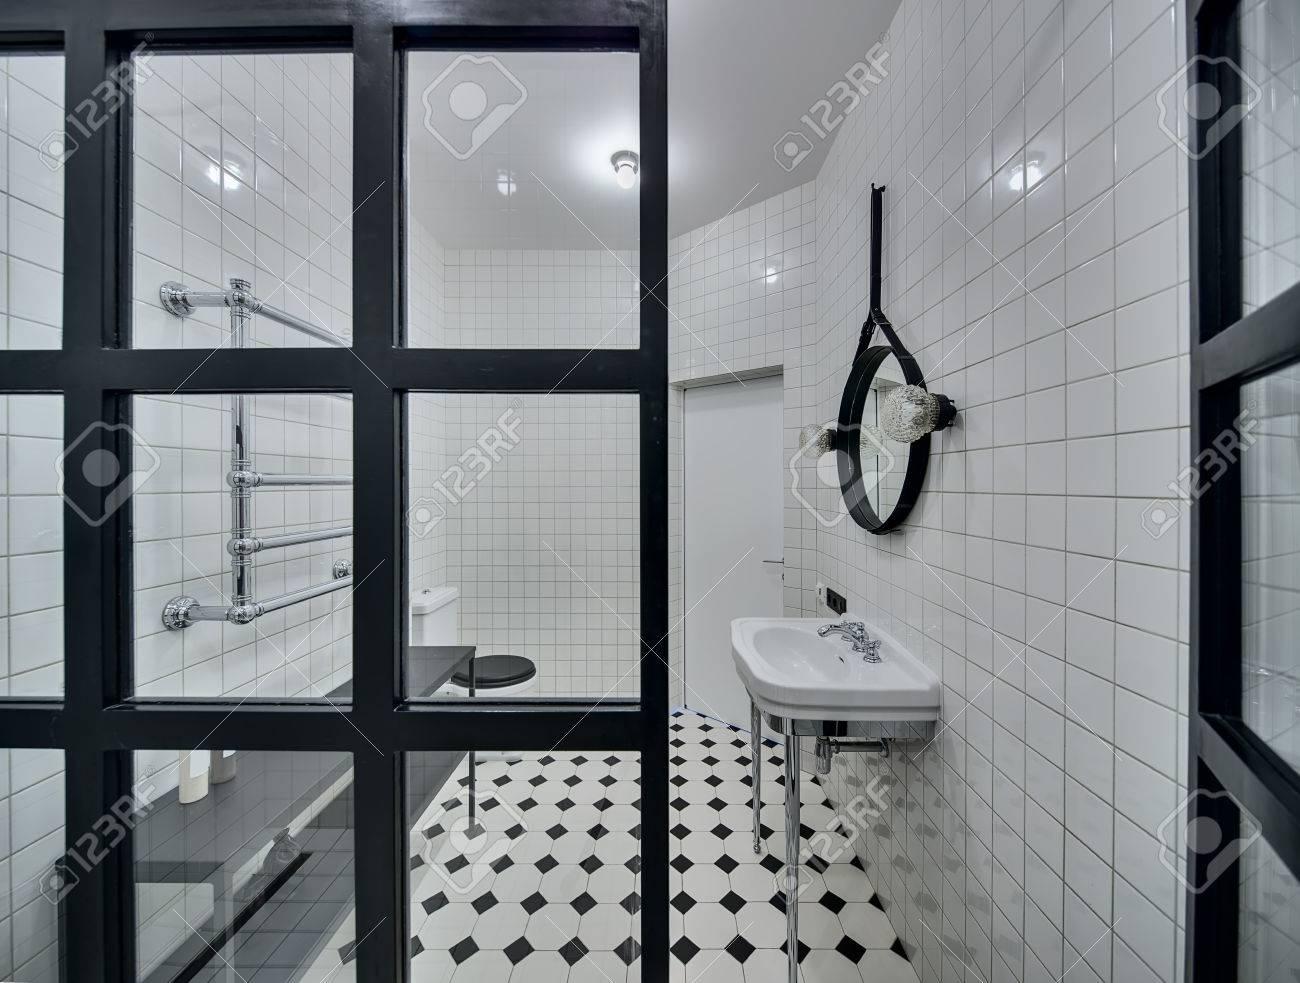 Salle De Bains Moderne Avec Des Murs De Carreaux Blancs. Il Y A Un ...